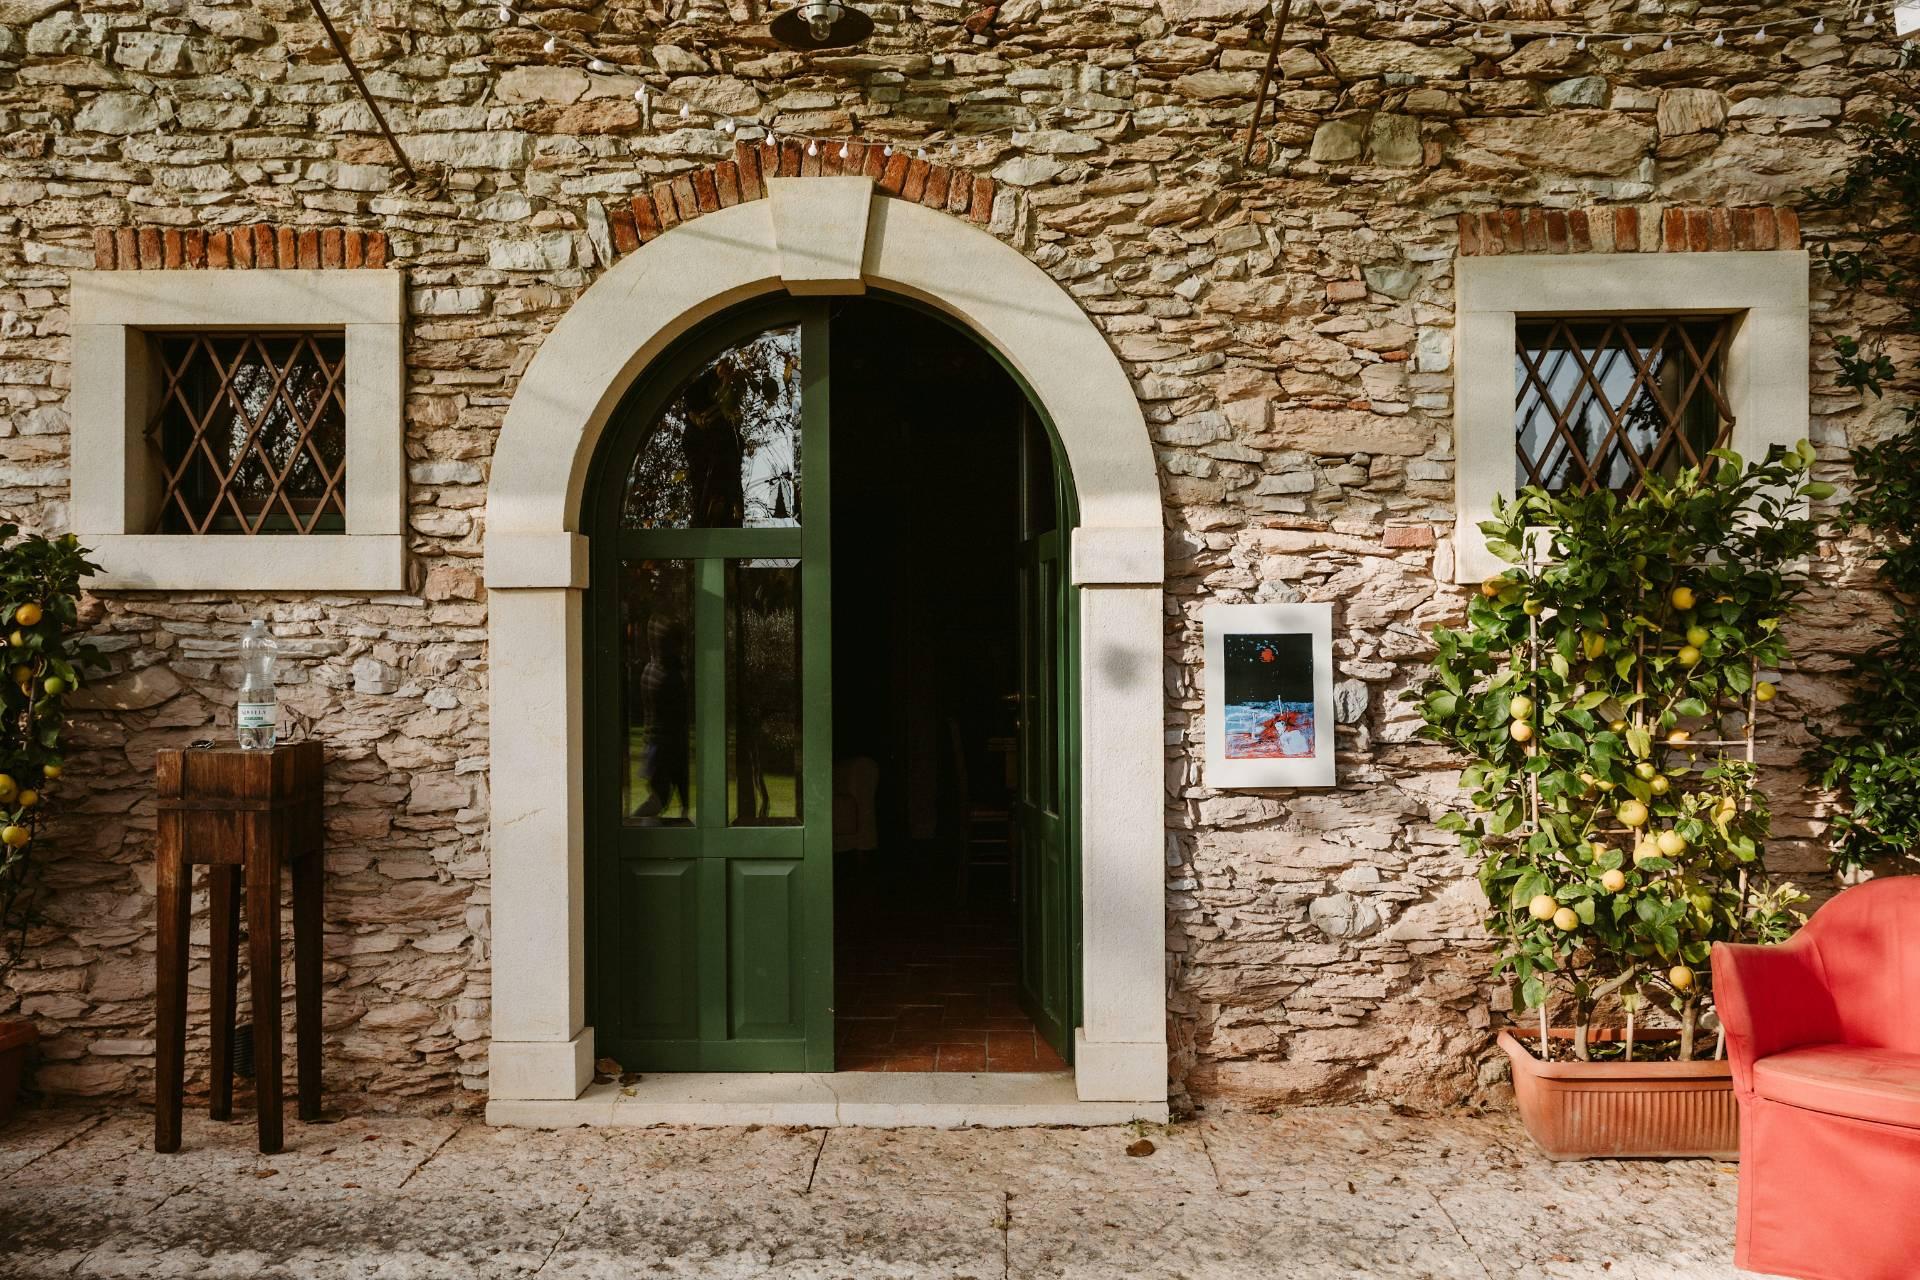 Rustico in Vendita a Toscolano-Maderno: 5 locali, 600 mq - Foto 3